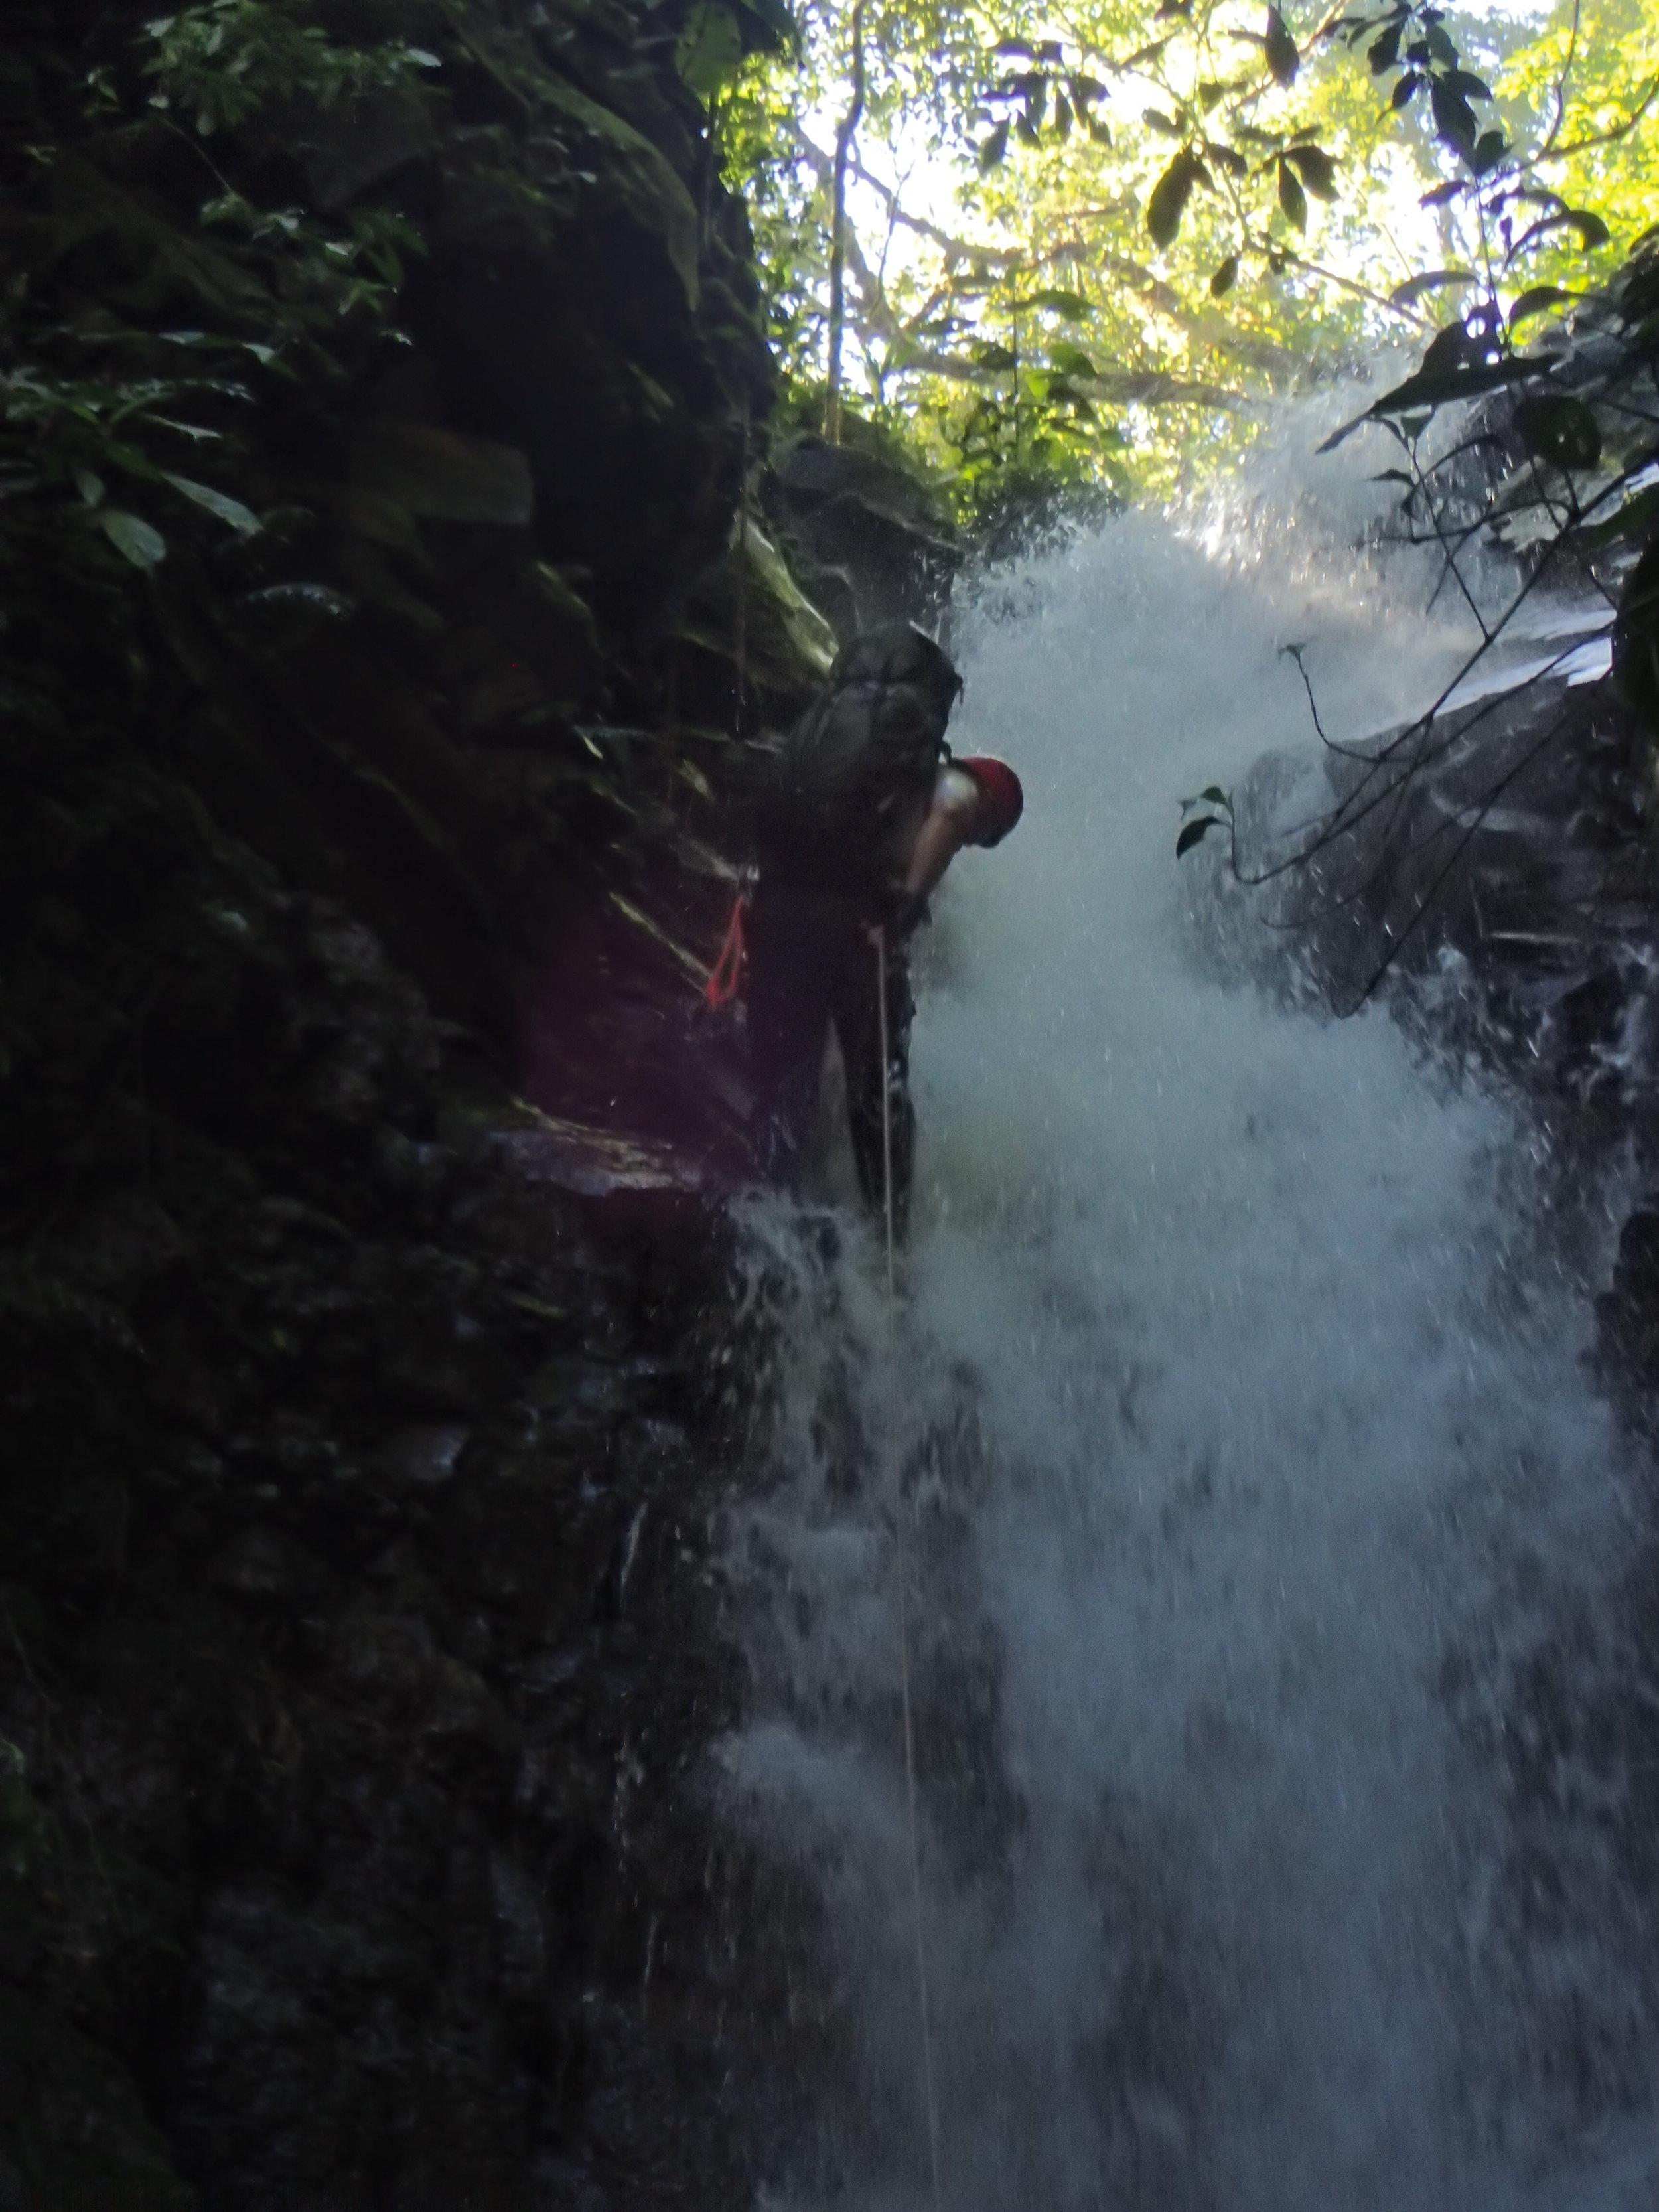 El R1 involucra pasar por agua con mucha fuerza